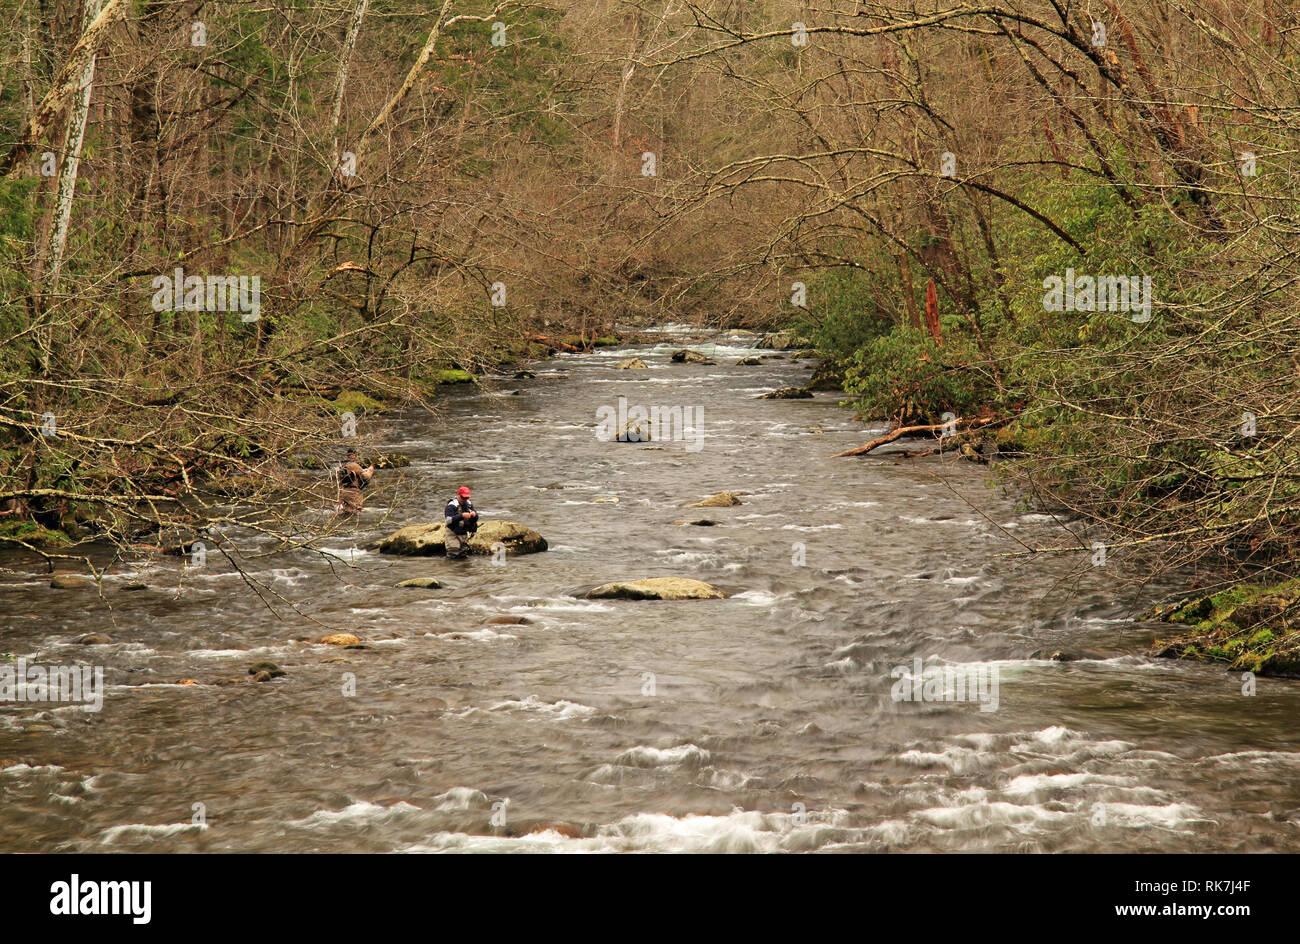 Fischer versuchen ihr Glück auf dem kleinen Fluss in der Nähe der Elkmont historische Bezirk in der Great Smokey Mountains National Park Stockfoto